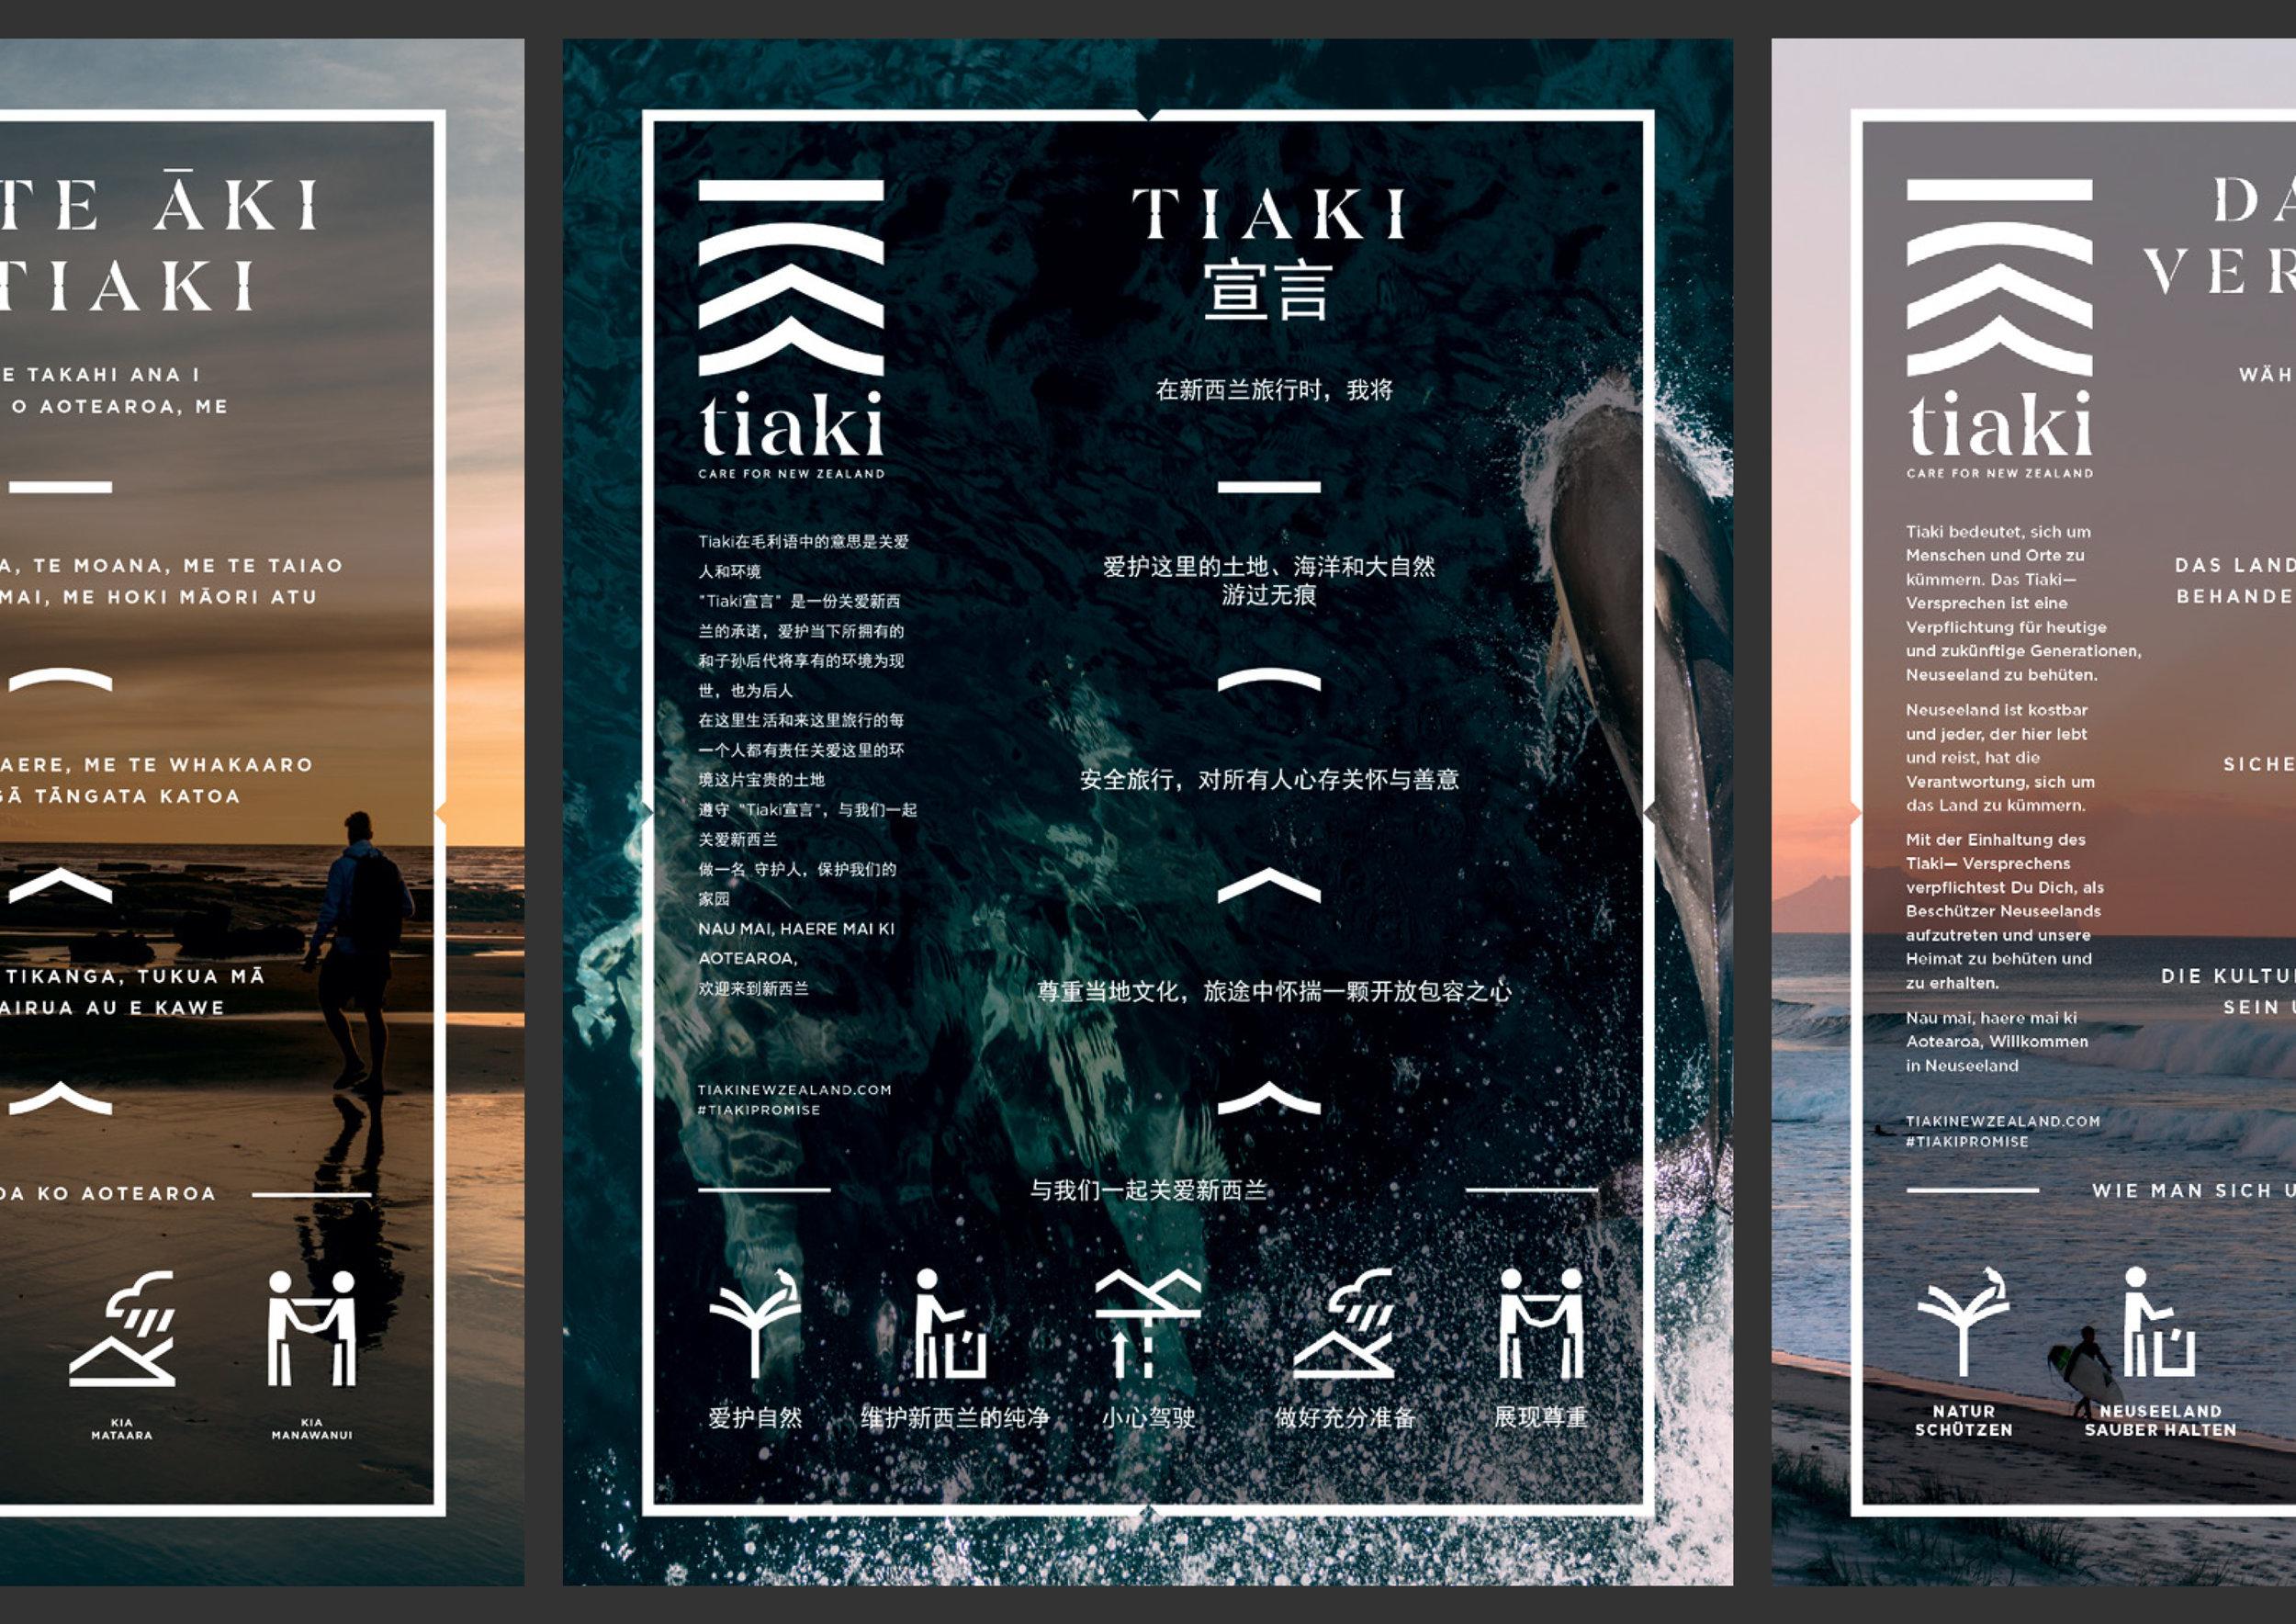 Tiaki-Promise-Design-Works-Lola-Photography-10.jpg